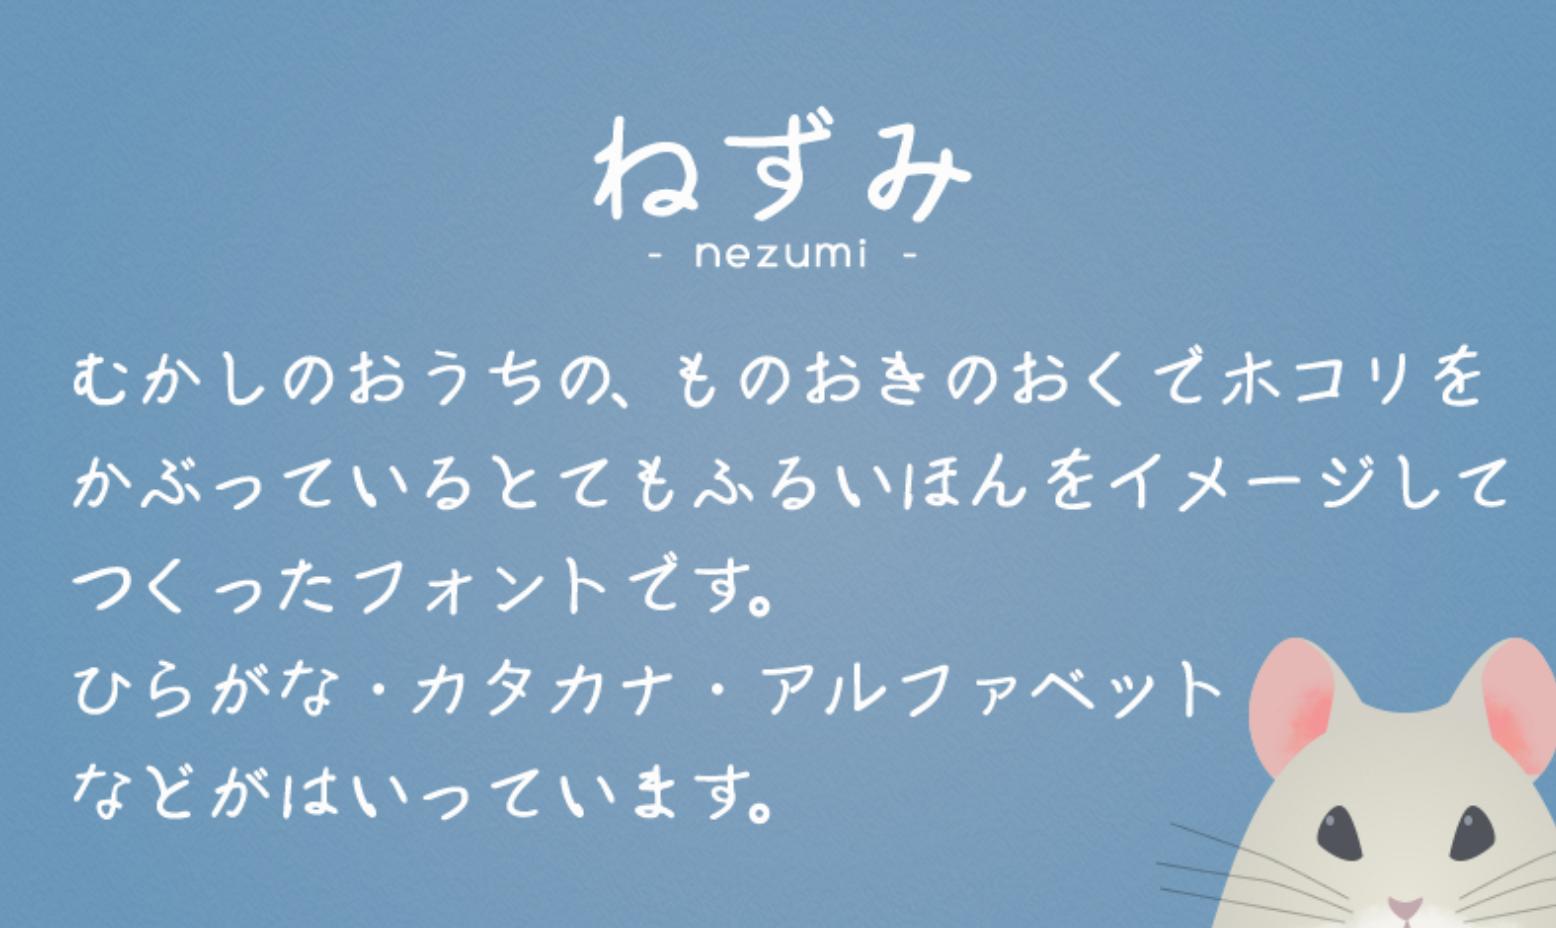 手書き風の日本語フォント一覧|フォントフリー